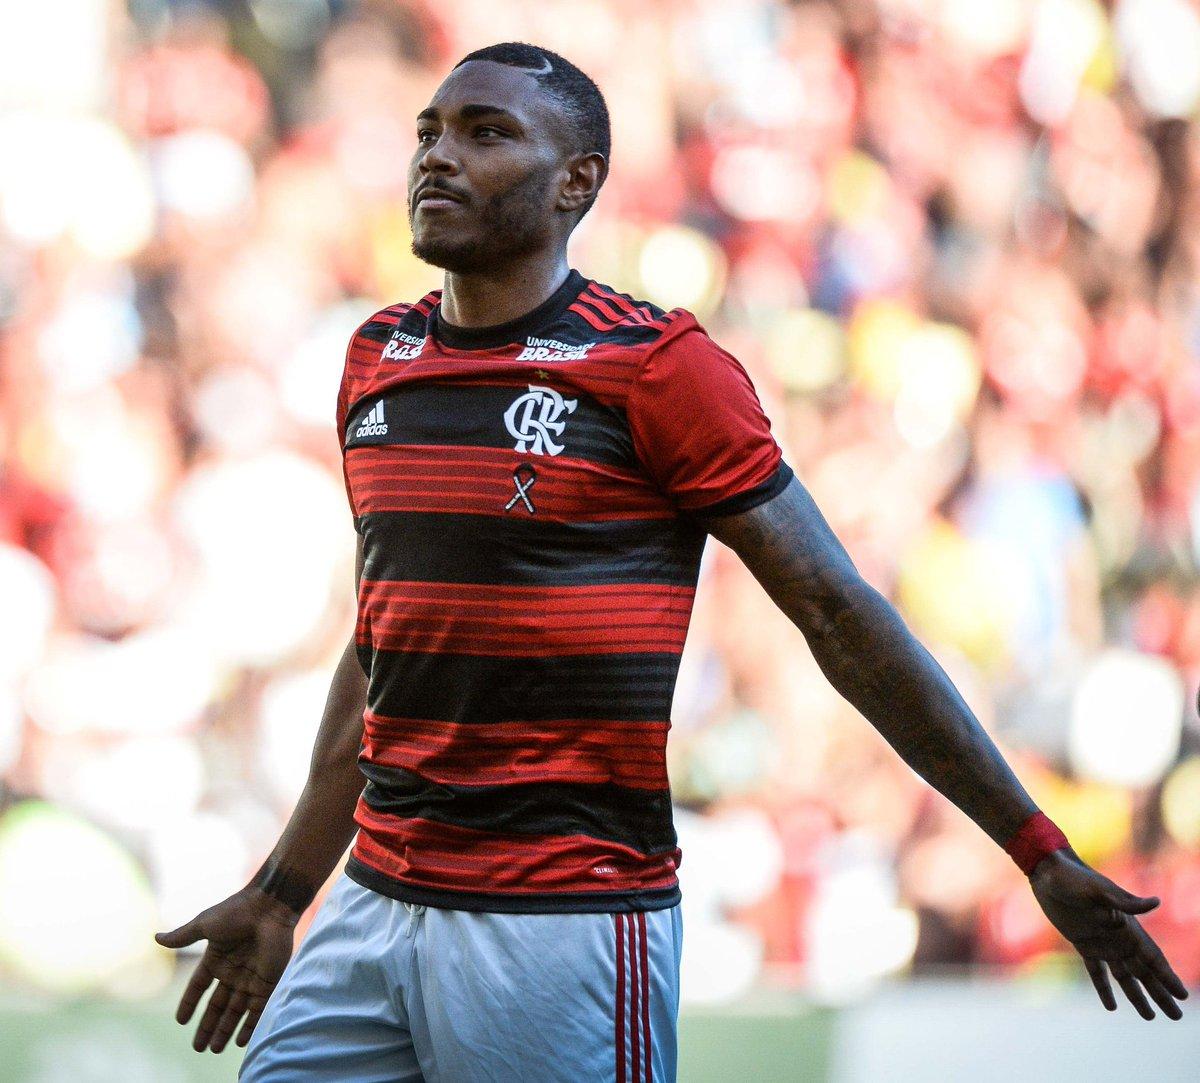 Portuguesa-RJ x Flamengo - Duelo do bloco carioca abre a 2ª rodada da Taça Rio